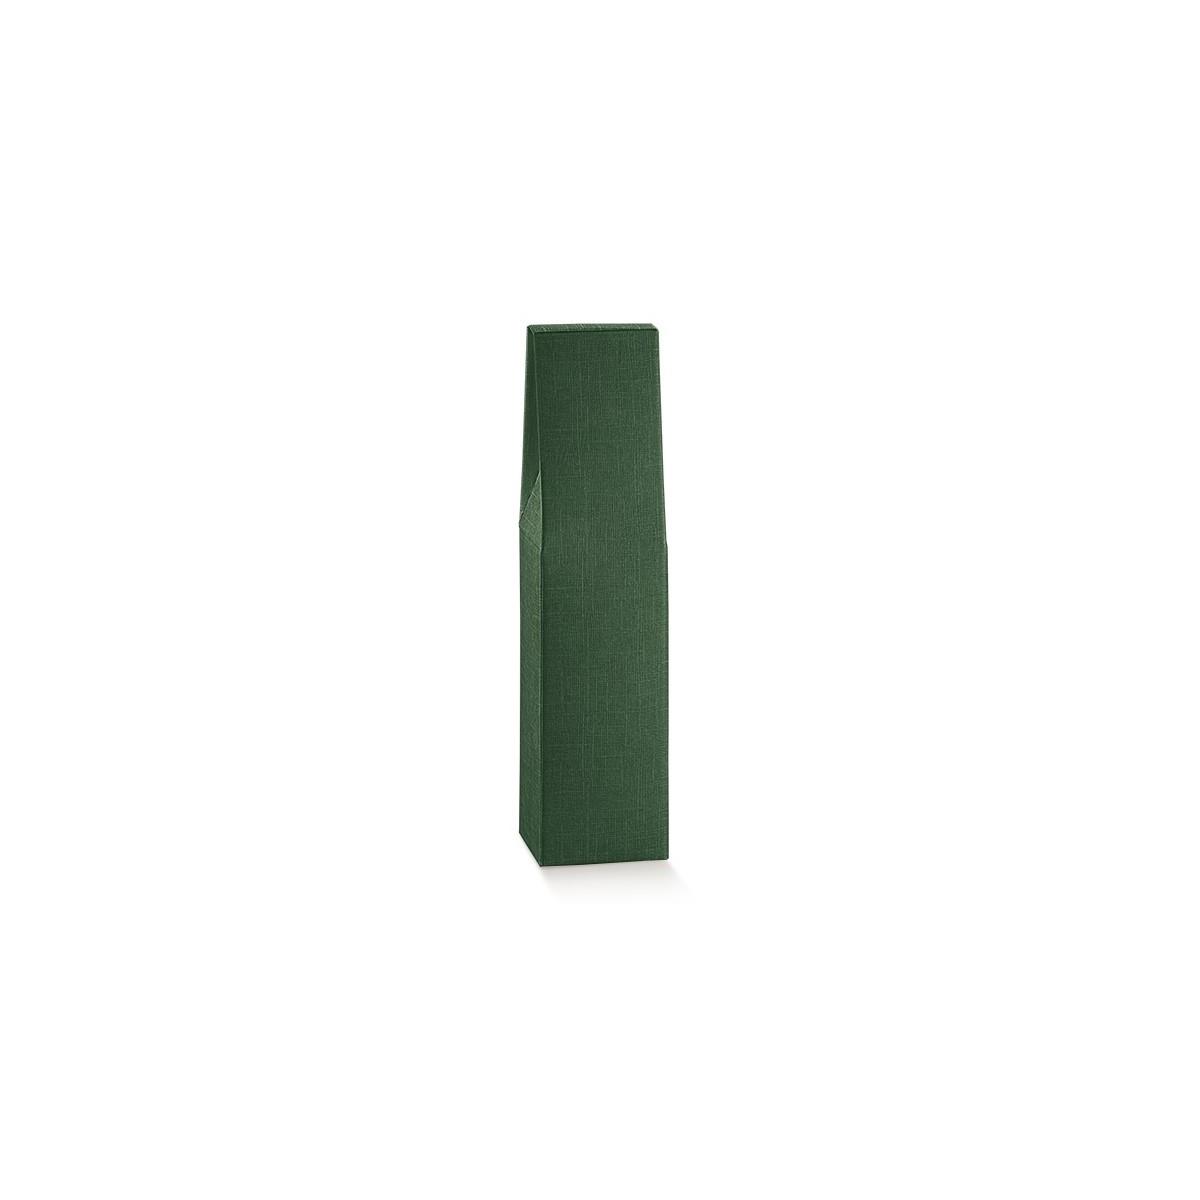 Scatola per 1 Bottiglia in Cartoncino Mm.90x90x370